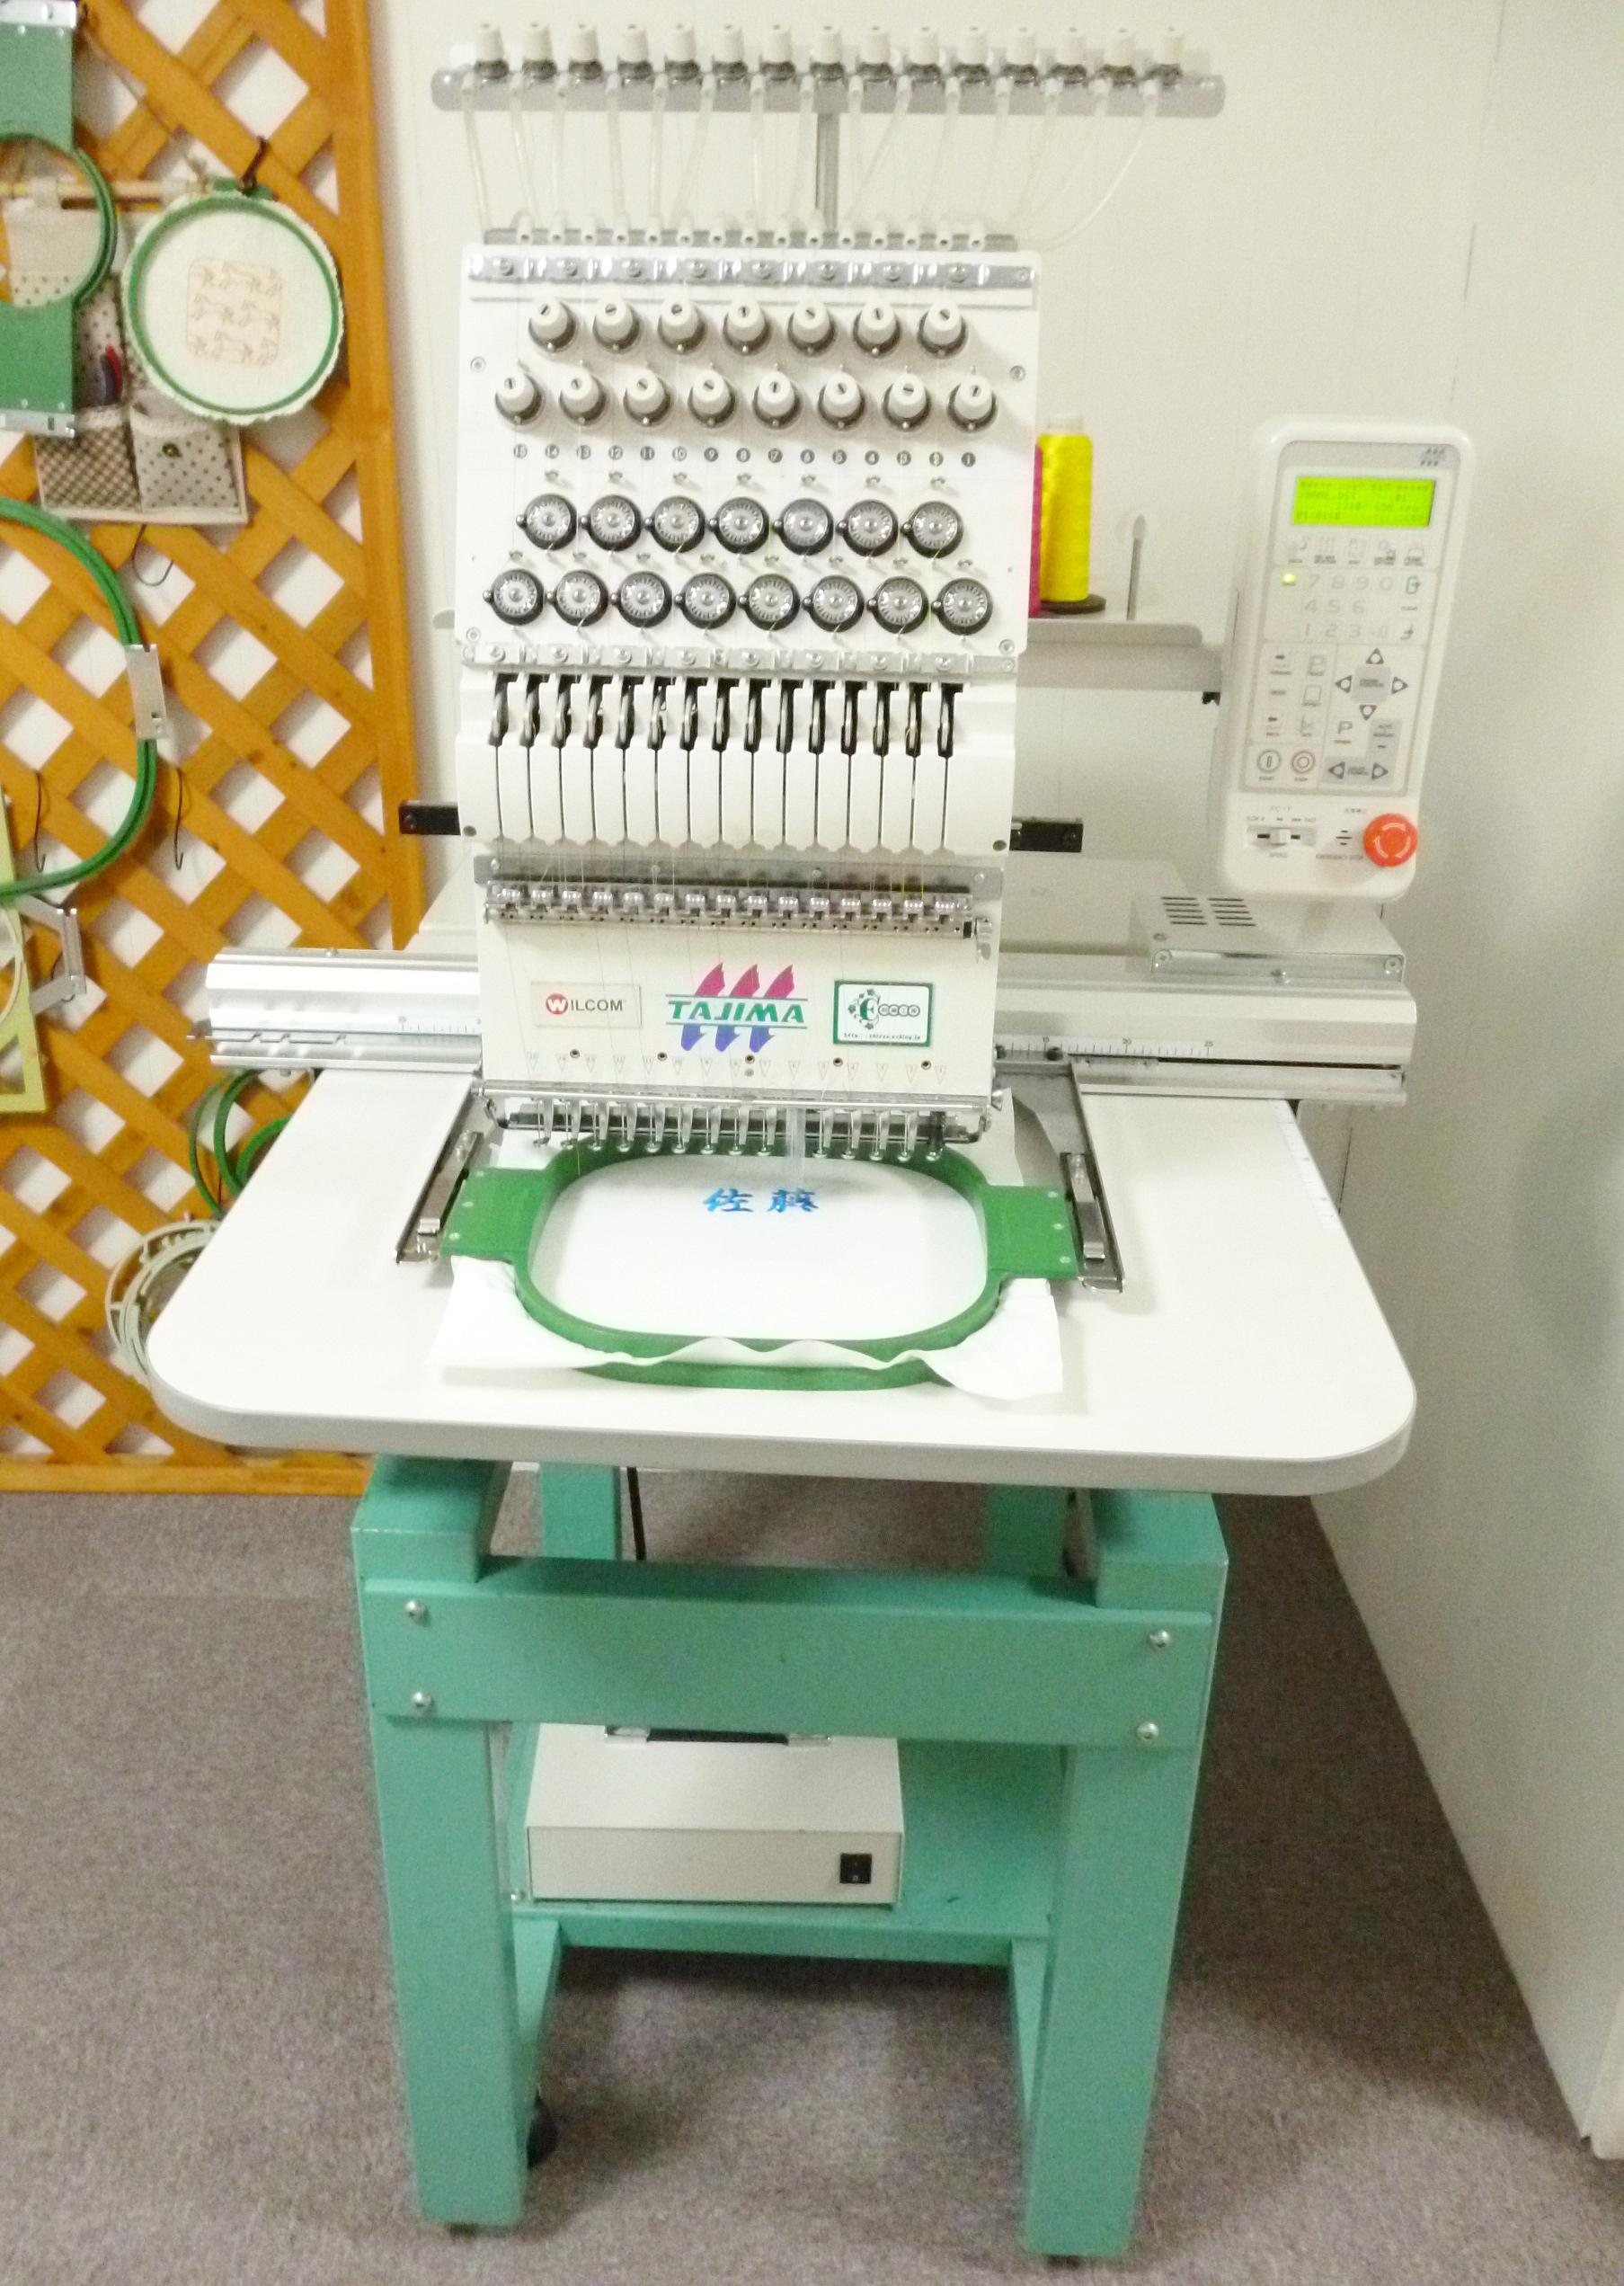 タジマ工業の刺繍機